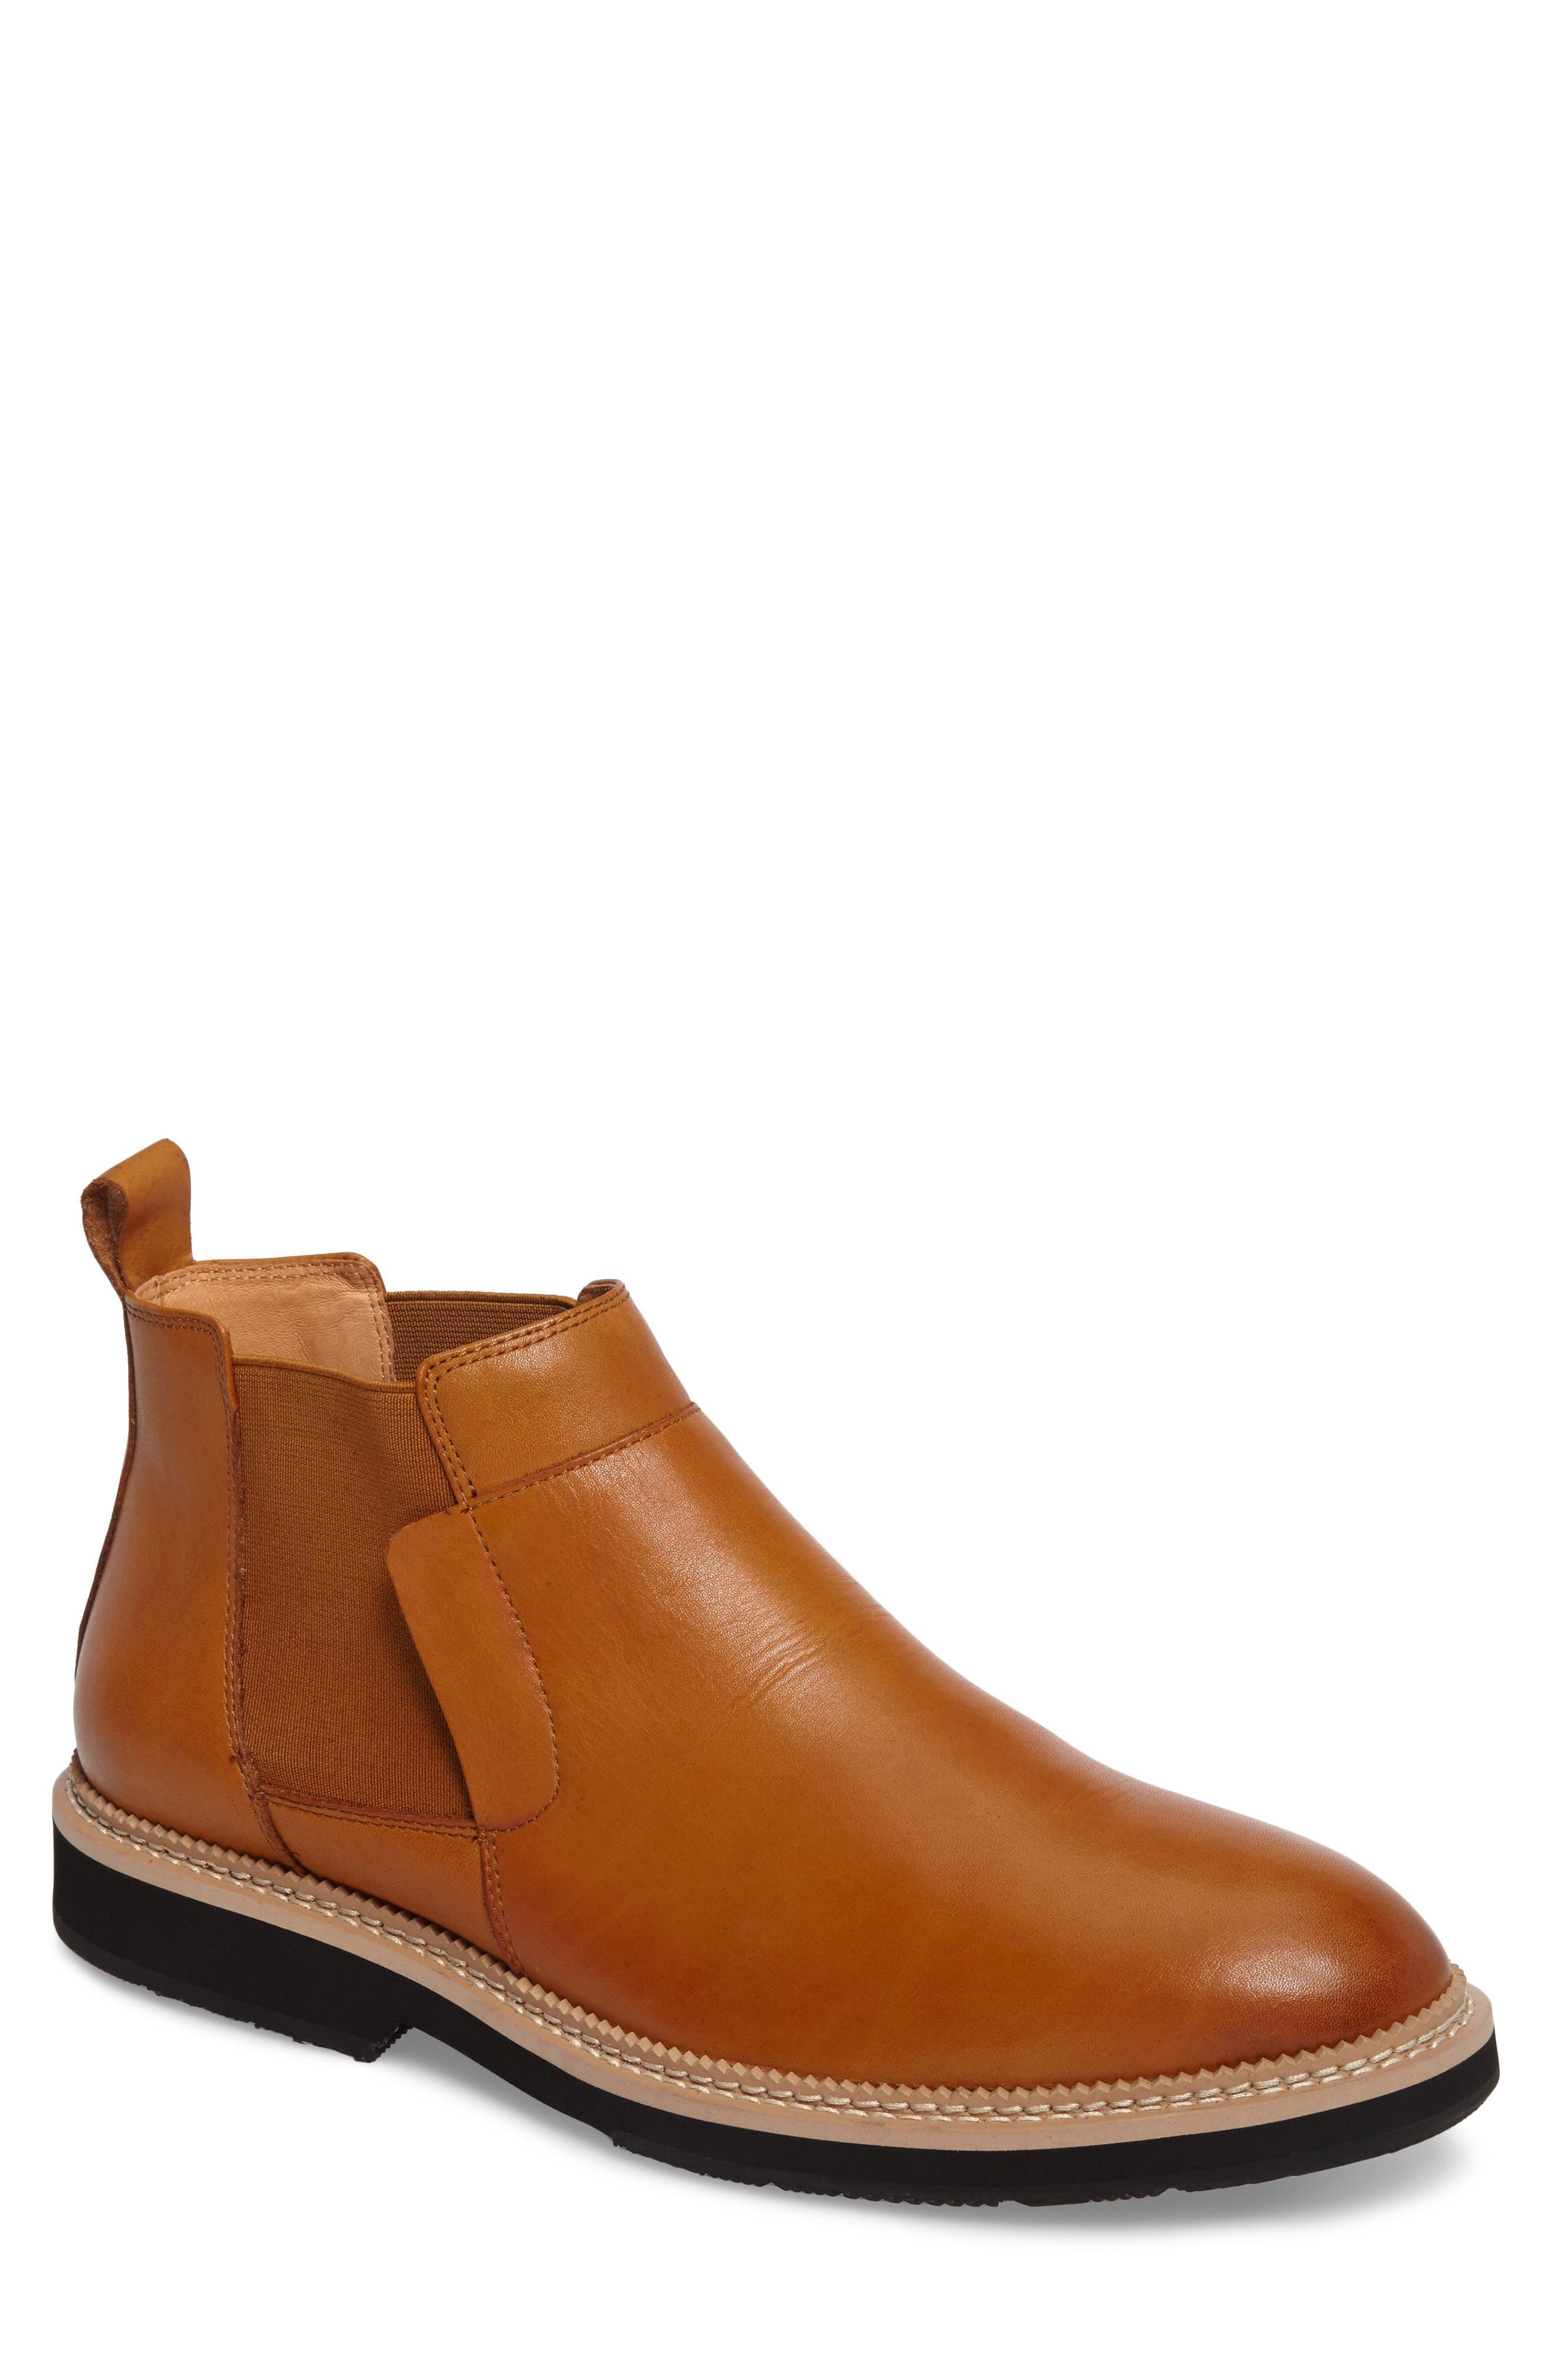 Garrad Chelsea Boot,                             Main thumbnail 1, color,                             Cognac Leather